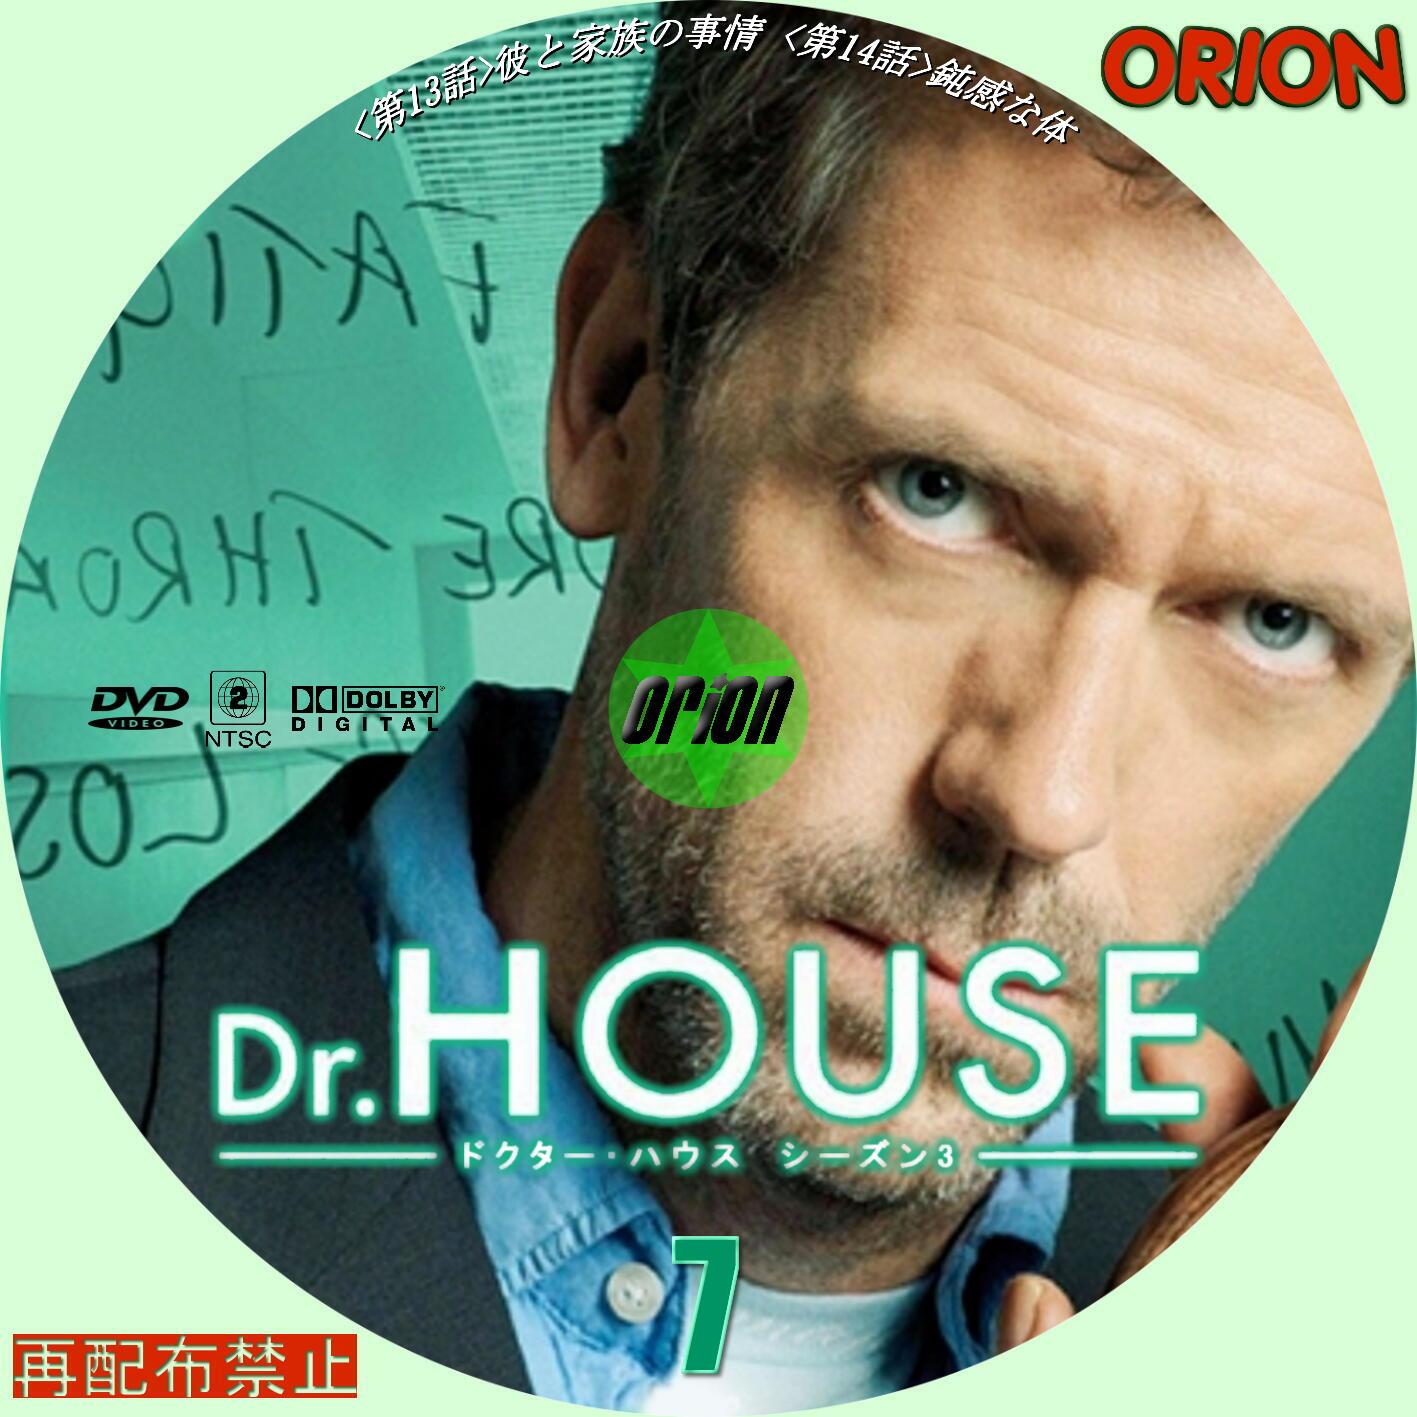 dvd dr house 3. Black Bedroom Furniture Sets. Home Design Ideas